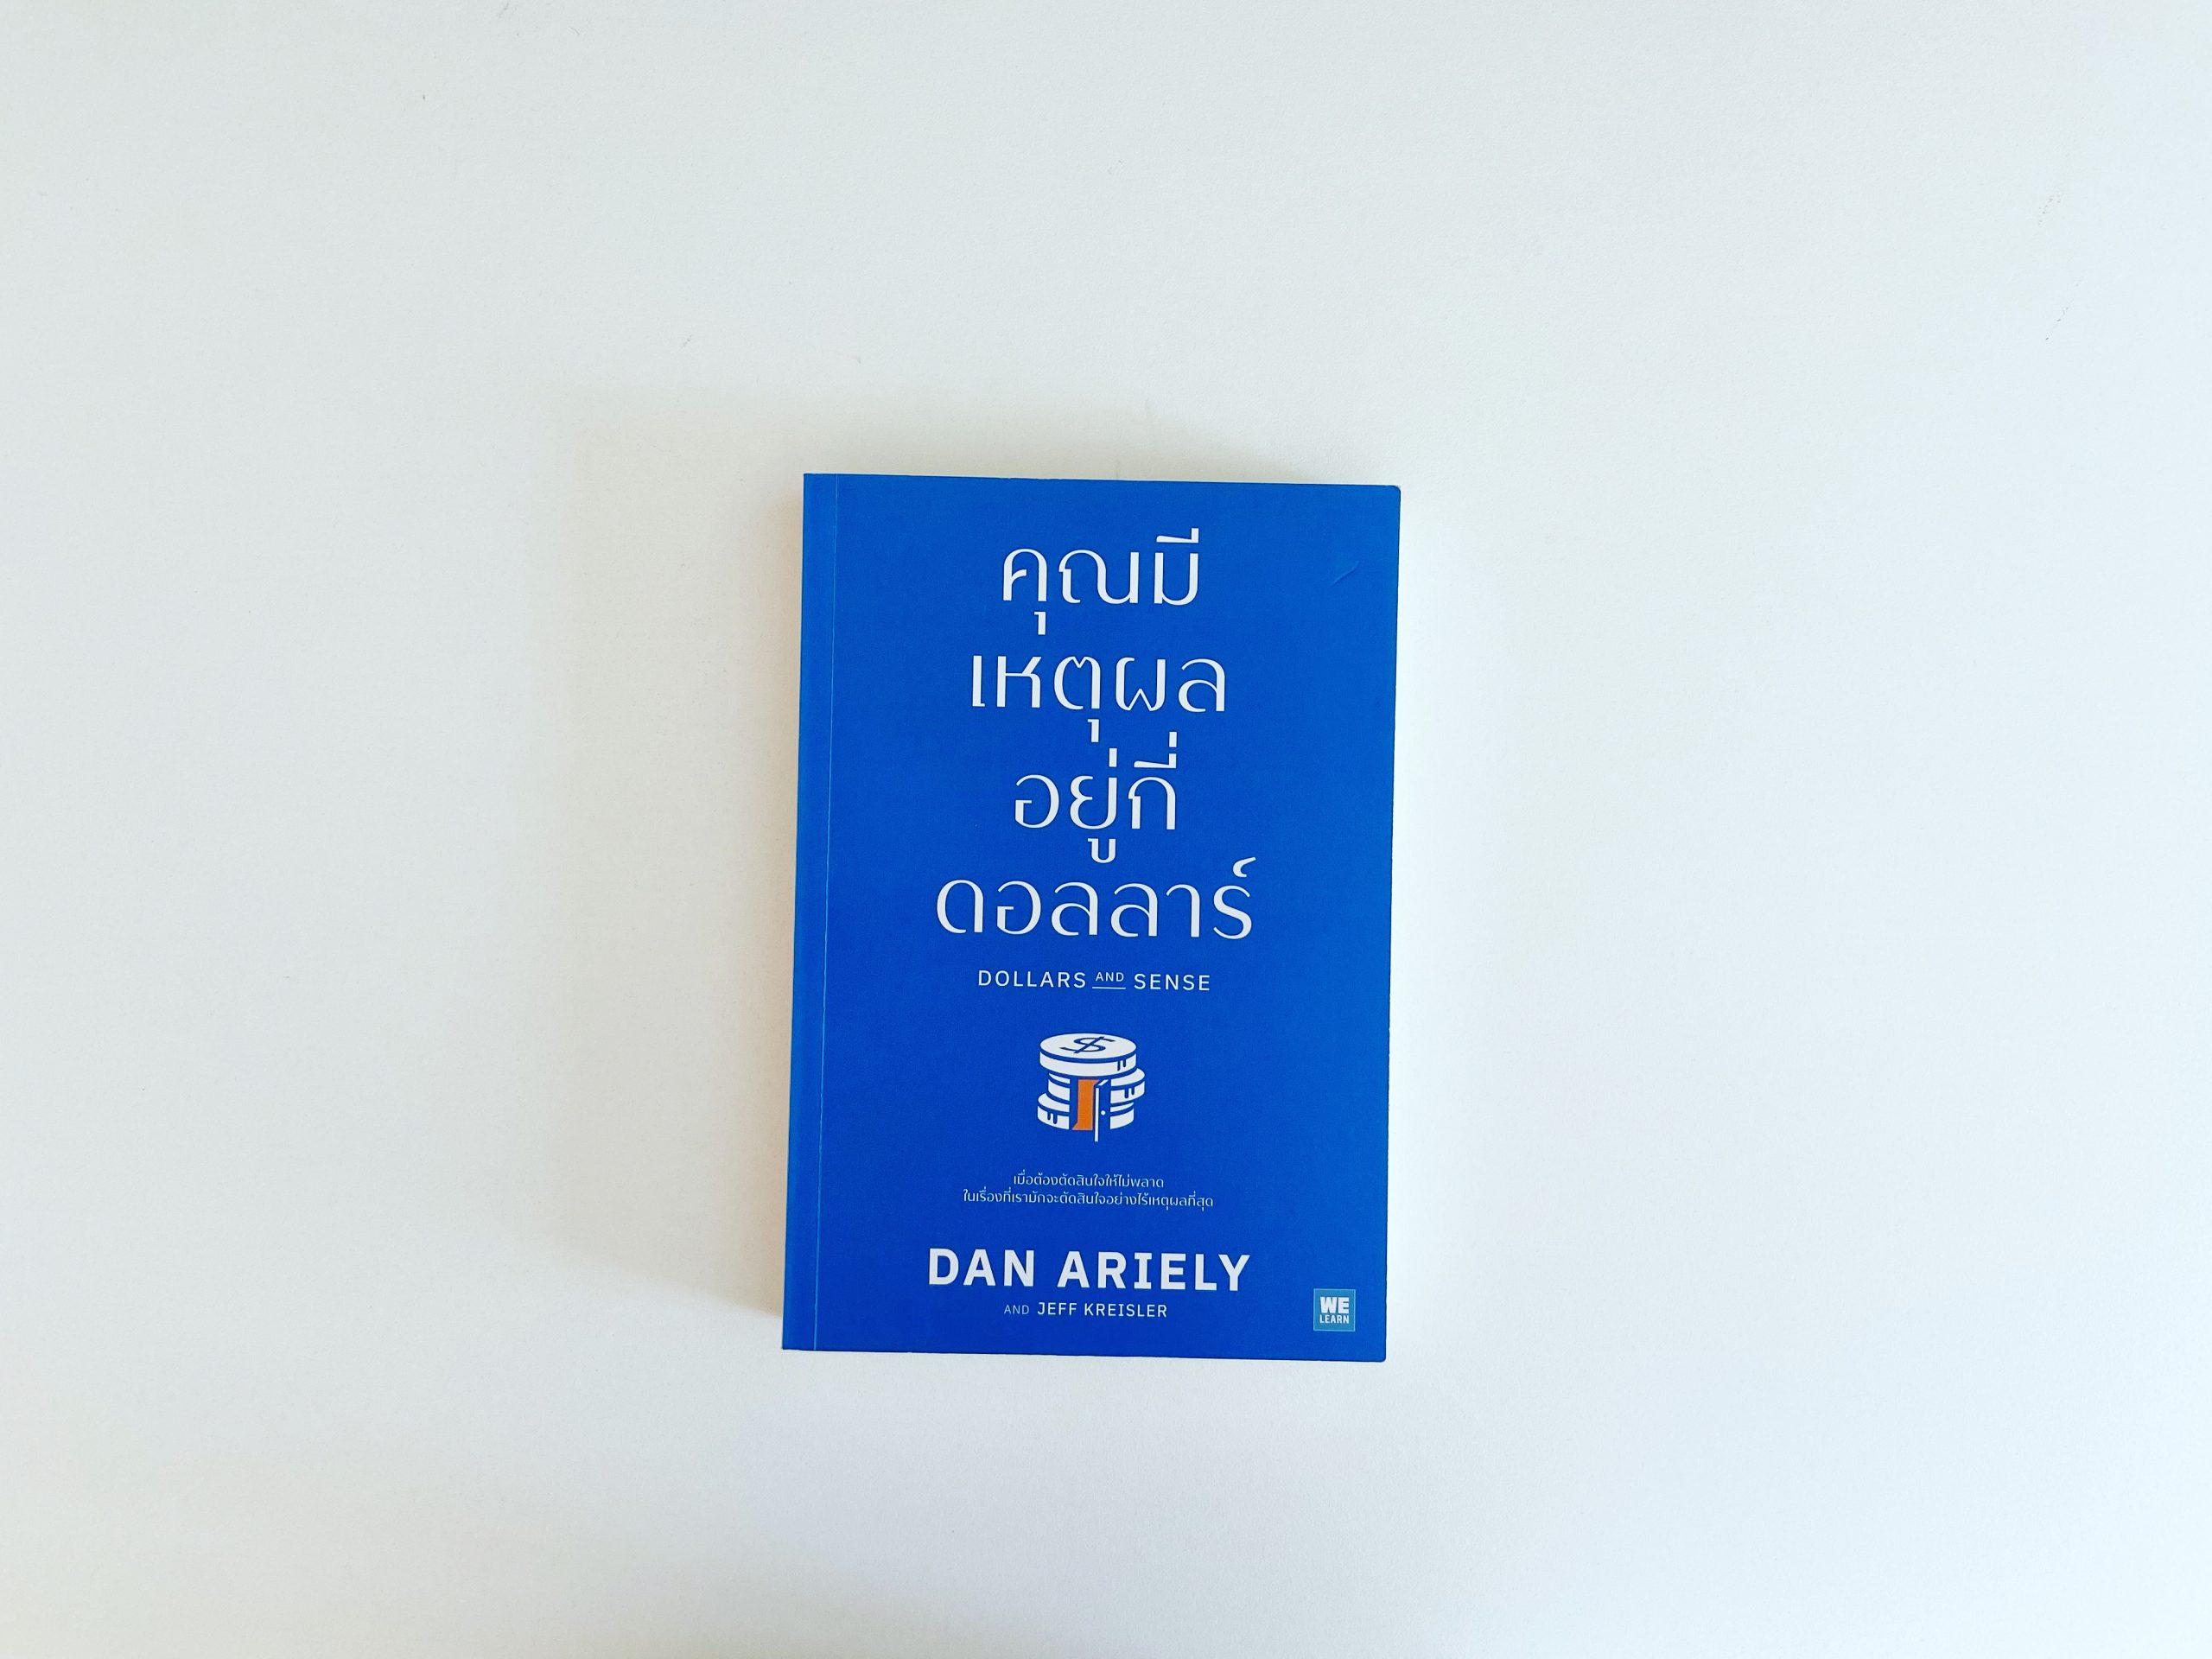 สรุปหนังสือ Dollars and Sense คุณมีเหตุผลอยู่กี่ดอลลาร์ Dan Ariely และ Jeff Kreisler เขียน สำนักพิมพ์ We Learn เศรษฐศาสตร์พฤติกรรม จิตวิทยาการตลาด